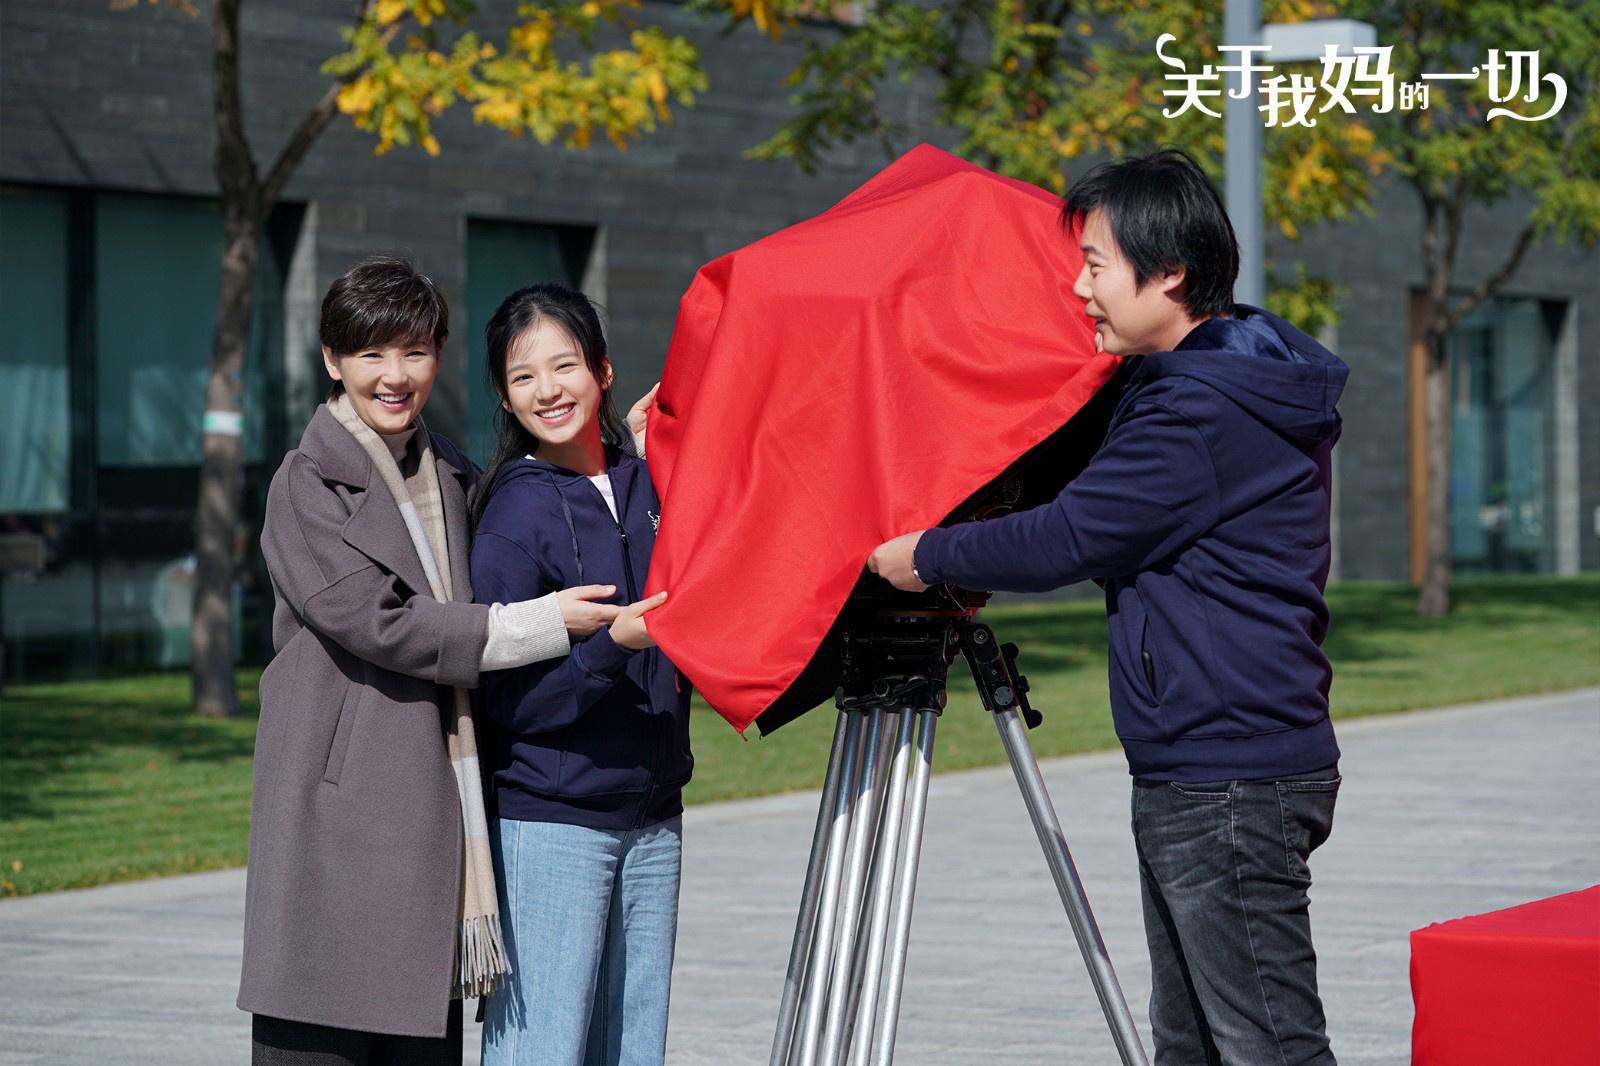 """《关于我妈的一切》开机 徐帆诠释""""中国式母亲"""" 第1张"""